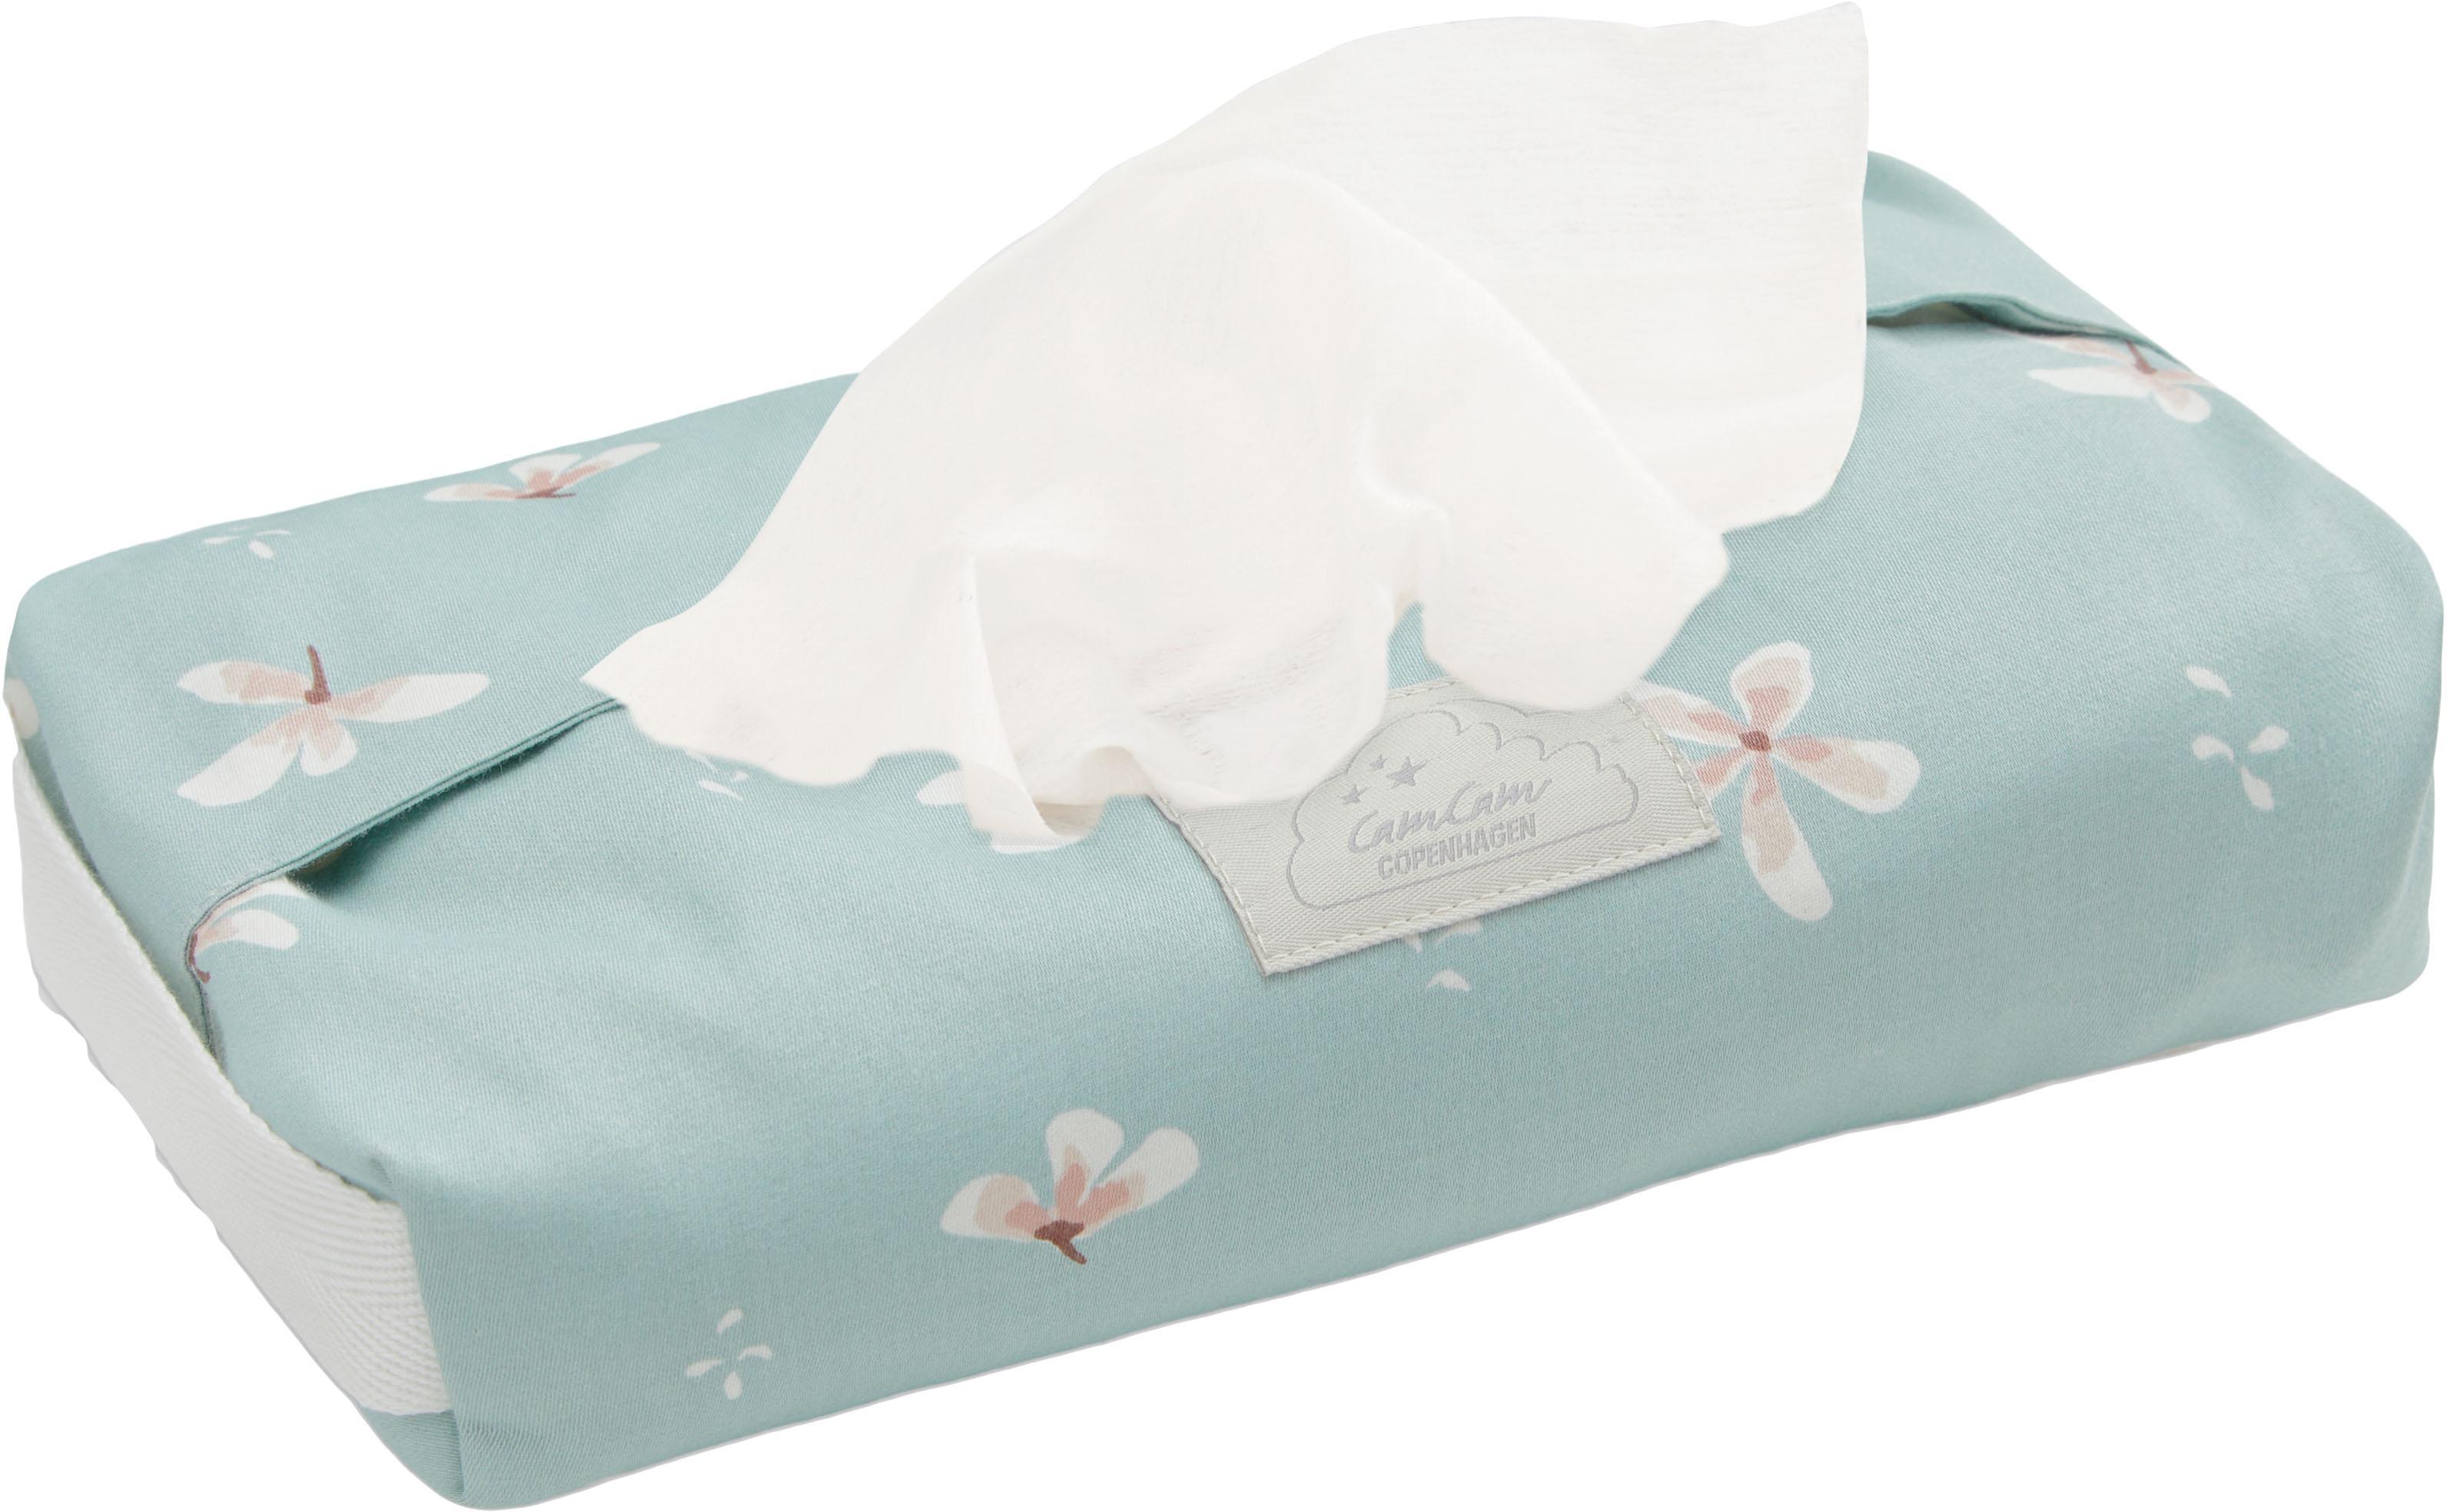 Estuche toallitas de algodón ecológico Wildflower, Funda: 100%algodón ecológico, c, Asa: 100%lino, Azul claro, crema, rosa, An 25 x Al 5 cm